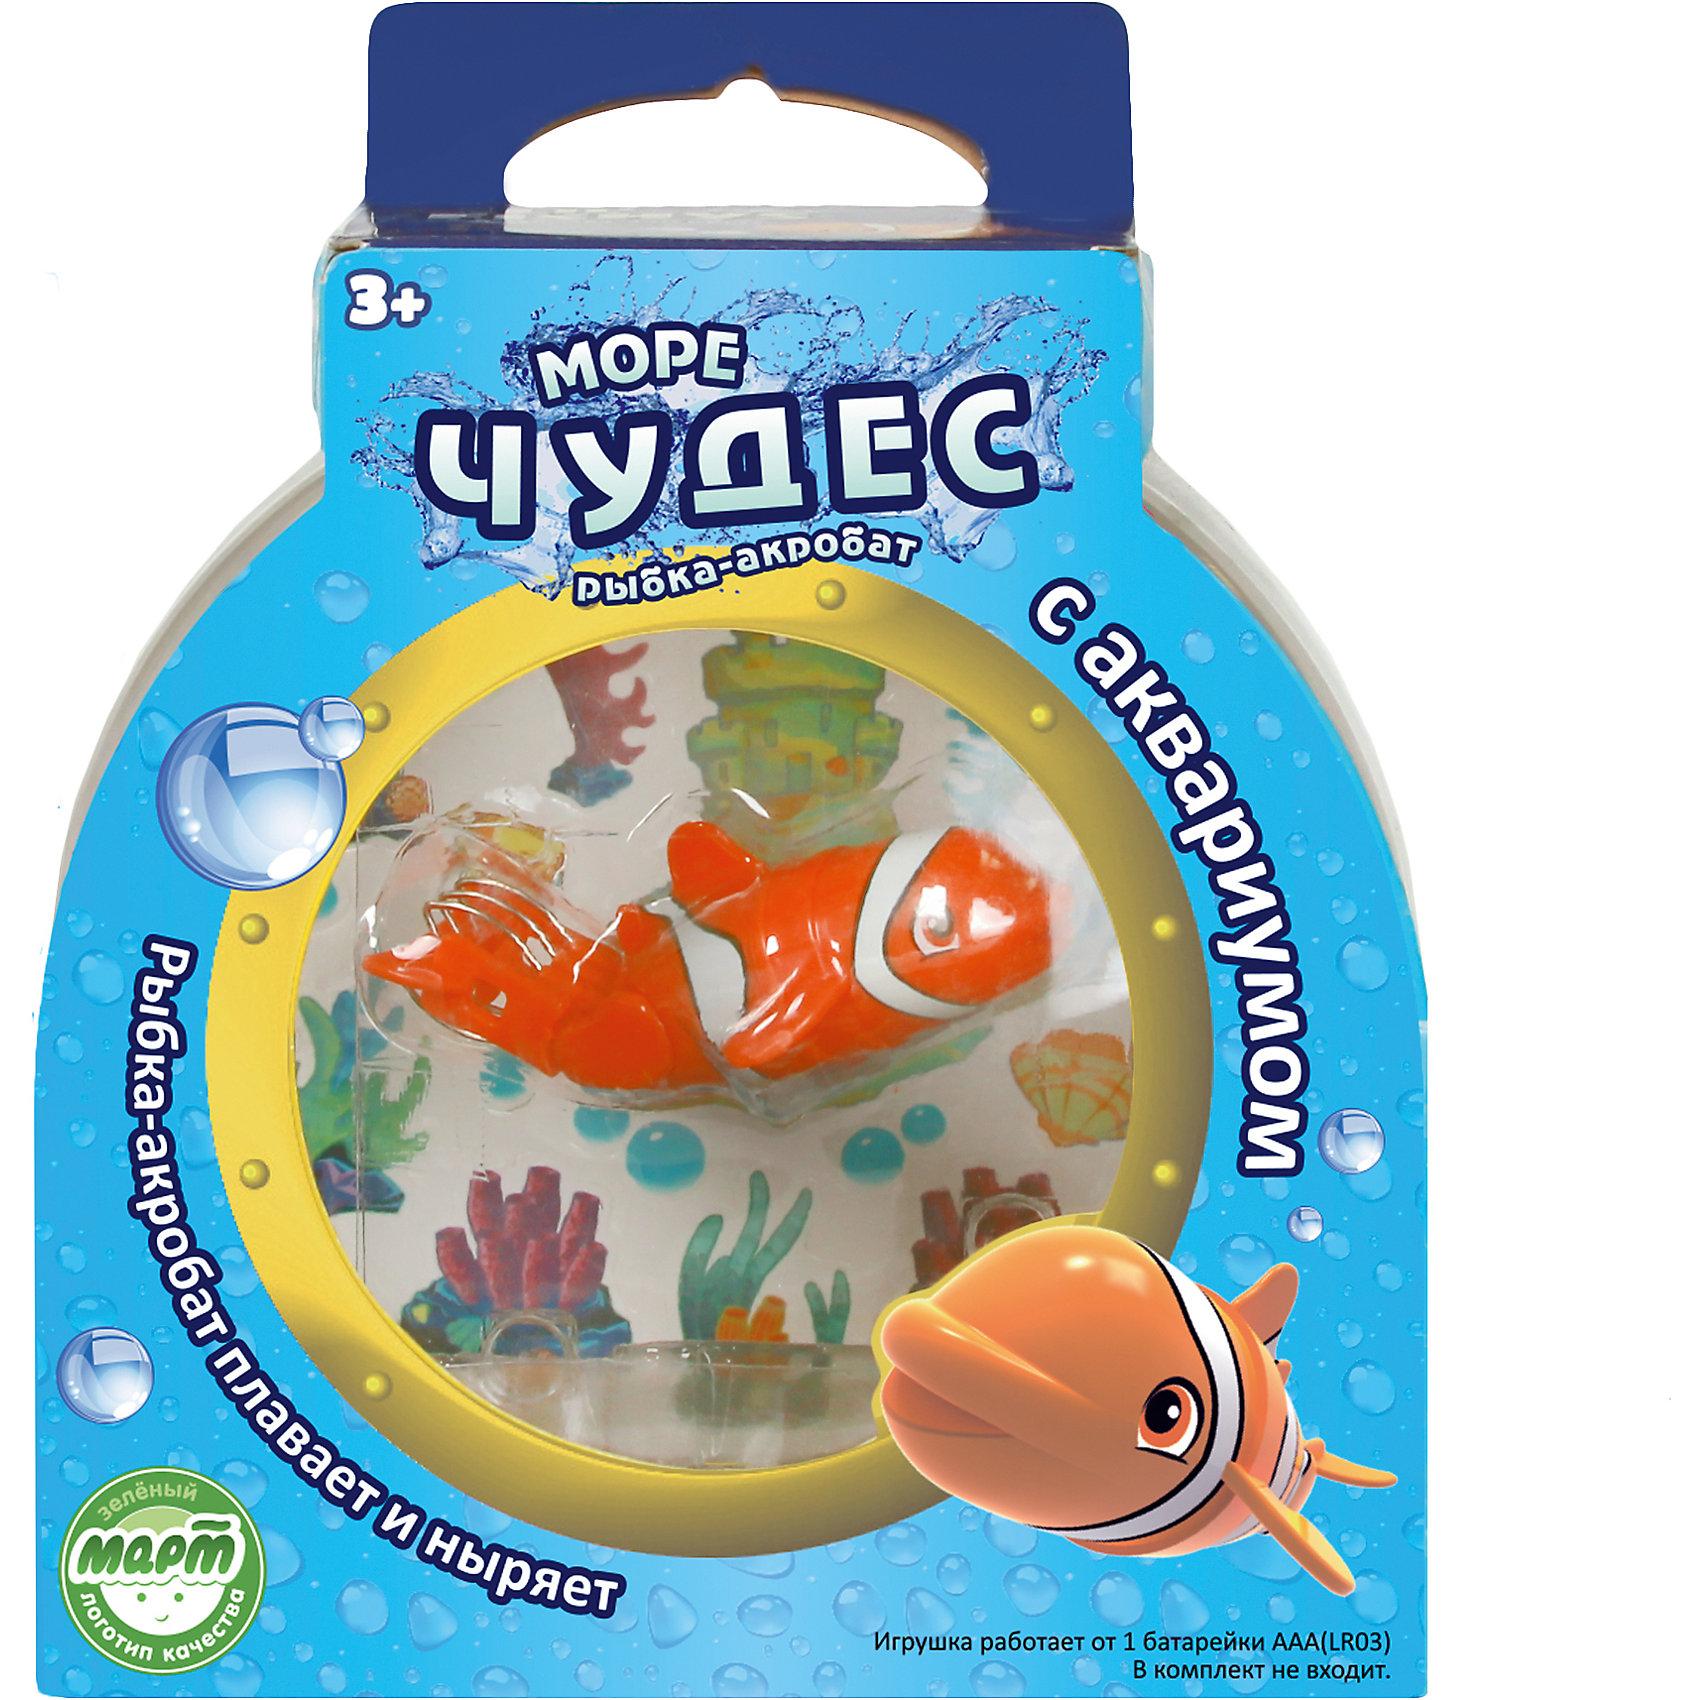 Рыбка –акробат Лаки с аквариумом, Море чудесРоборыбки и русалки<br>Ваш ребенок мечтает о рыбке? С этим замечательным набором мечта станет реальностью! Рыбка-акробат Лаки так похожа на настоящего морского обитателя! Она плавает за счёт микро-моторчика в хвосте, траектория движений зависит от наклона хвоста. Лаки виртуозно умеет нырять на глубину и быстро подниматься на поверхность. Очаровательная рыбка подарит детям множество положительных эмоция и улыбок! <br><br>Дополнительная информация:<br><br>- Размер рыбки: 9 см.<br>- Размер аквариума: 16х16х10 см. <br>- Материал: пластик.<br>- Элемент питания: 1 батарейка ААА (в комплект не входит).<br><br>Рыбку –акробата Лаки с аквариумом, Море чудес, можно купить в нашем магазине.<br><br>Ширина мм: 160<br>Глубина мм: 110<br>Высота мм: 200<br>Вес г: 250<br>Возраст от месяцев: 36<br>Возраст до месяцев: 72<br>Пол: Унисекс<br>Возраст: Детский<br>SKU: 4252052